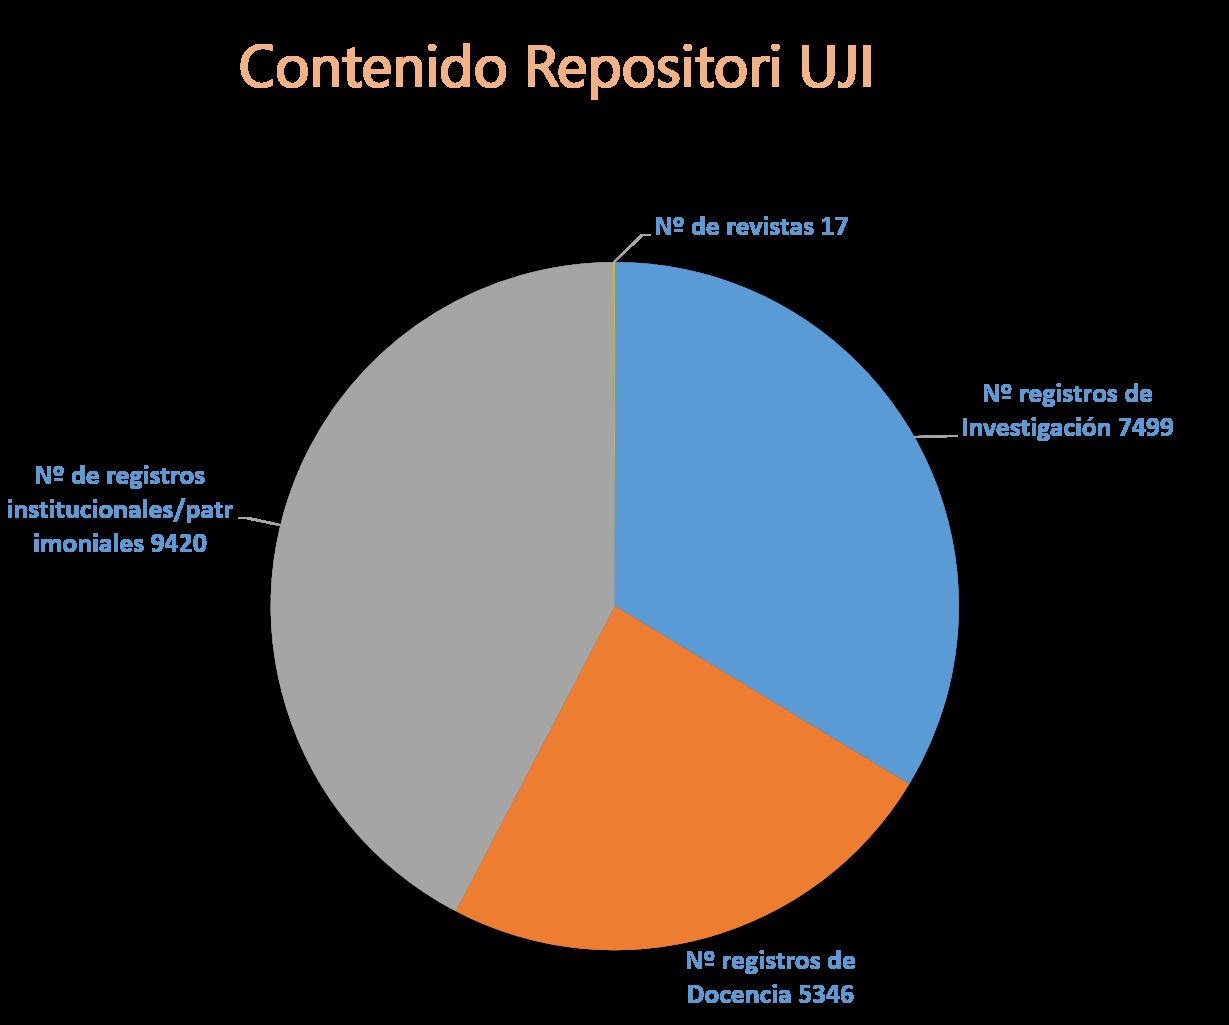 Contenido_RepositoriUJI